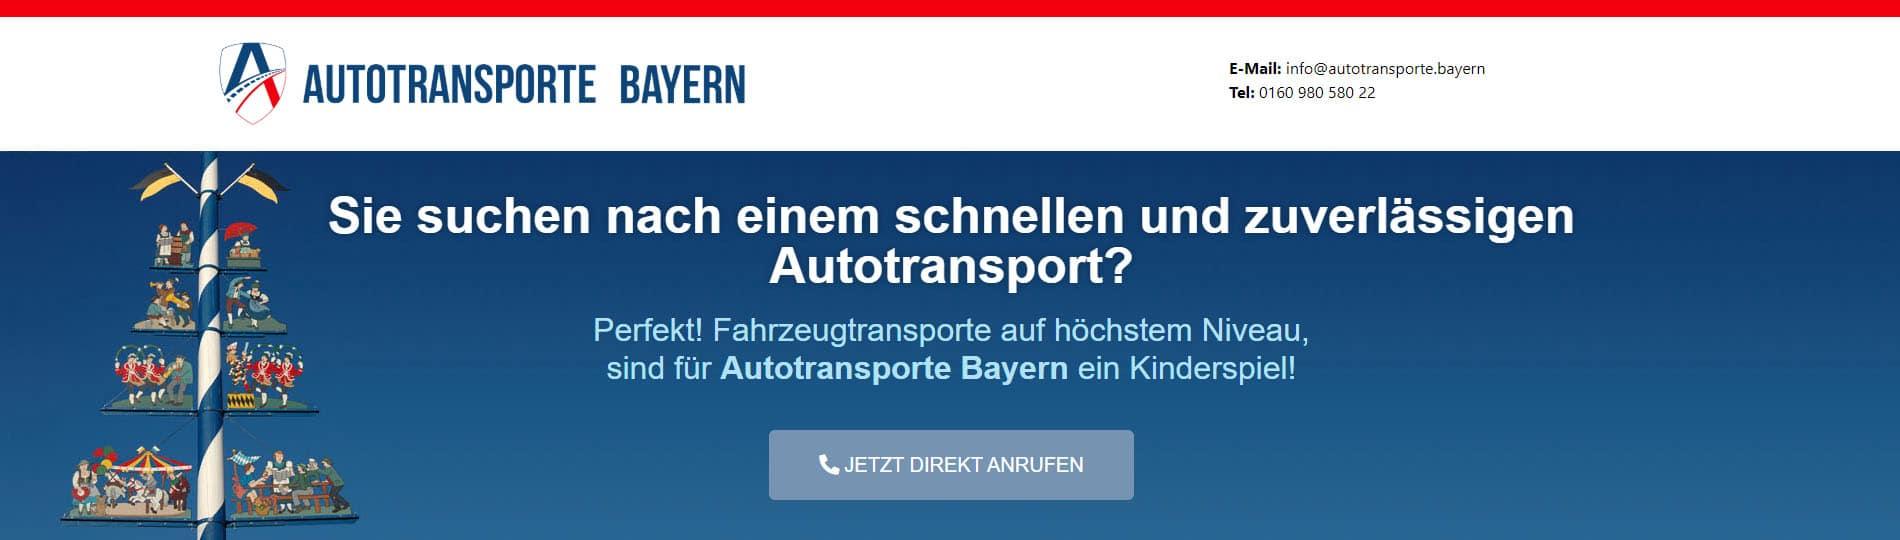 Case Study - Autotransporte Bayern 2